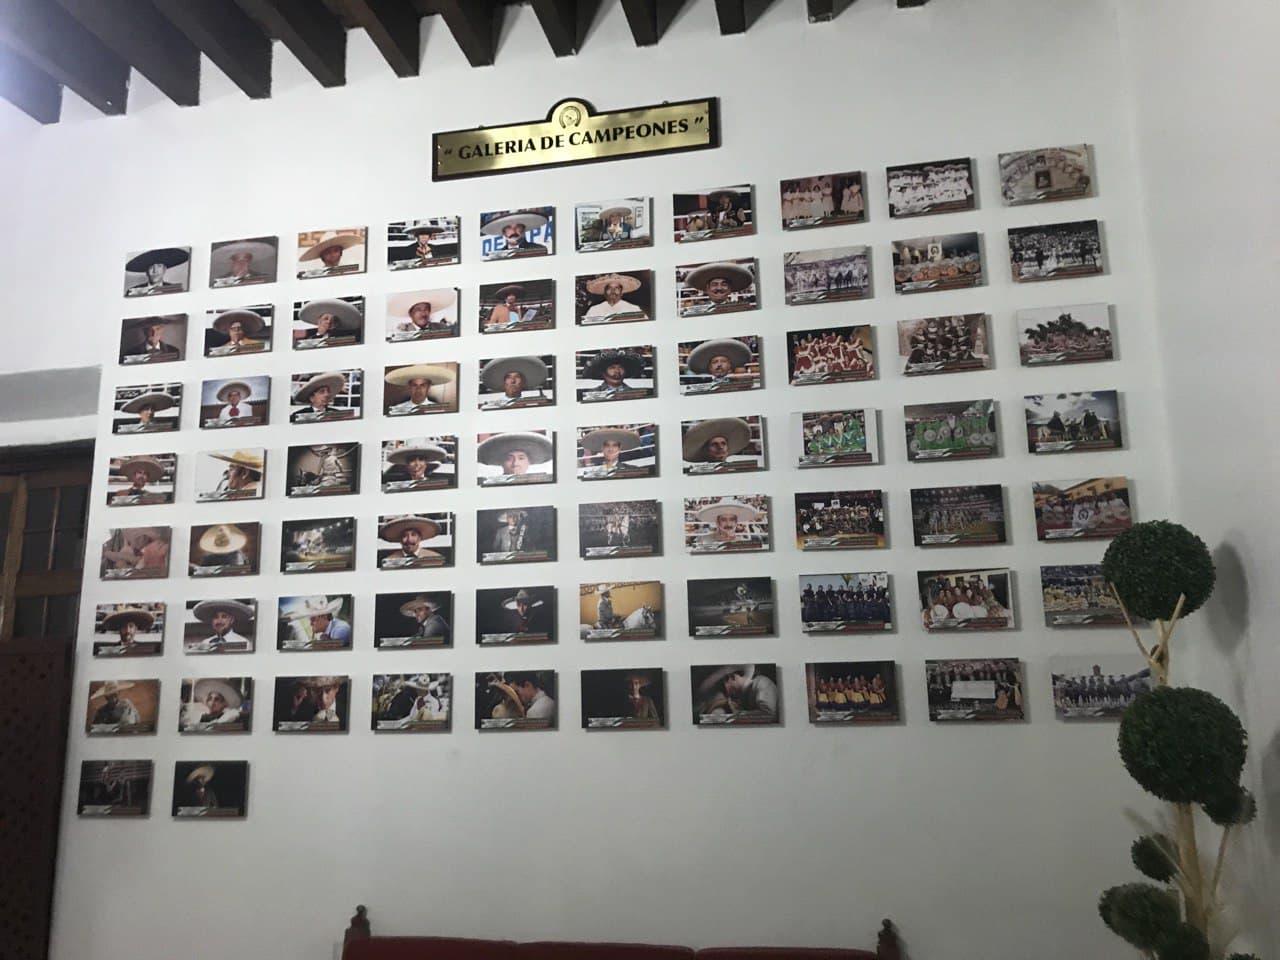 La Galería de Campeones muestra aquellos monarcas que conquistaron el título nacional de su modalidad de forma cronológica